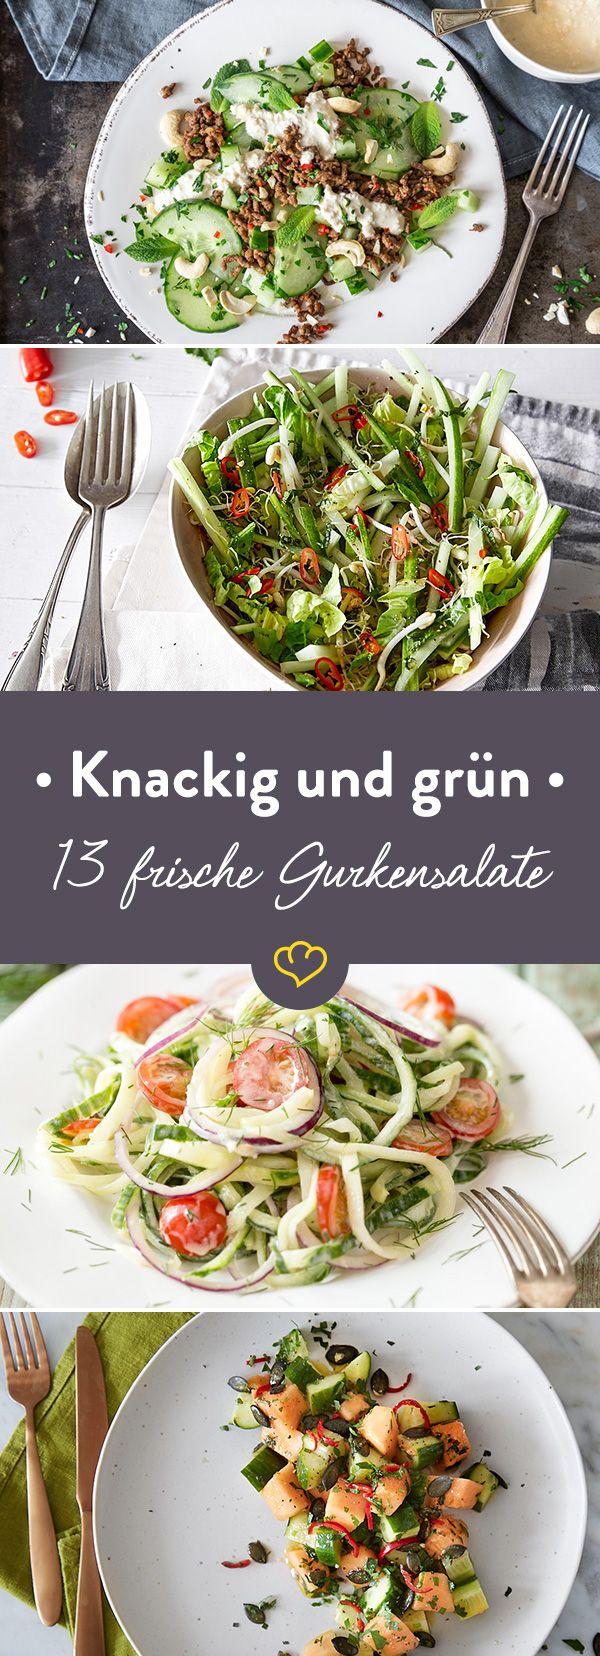 Frisch, knackig - und so wandelbar. Glaubst du nicht? Probier unsere Gurkensalate, die mehr können als nur Essig, Öl und Dill.